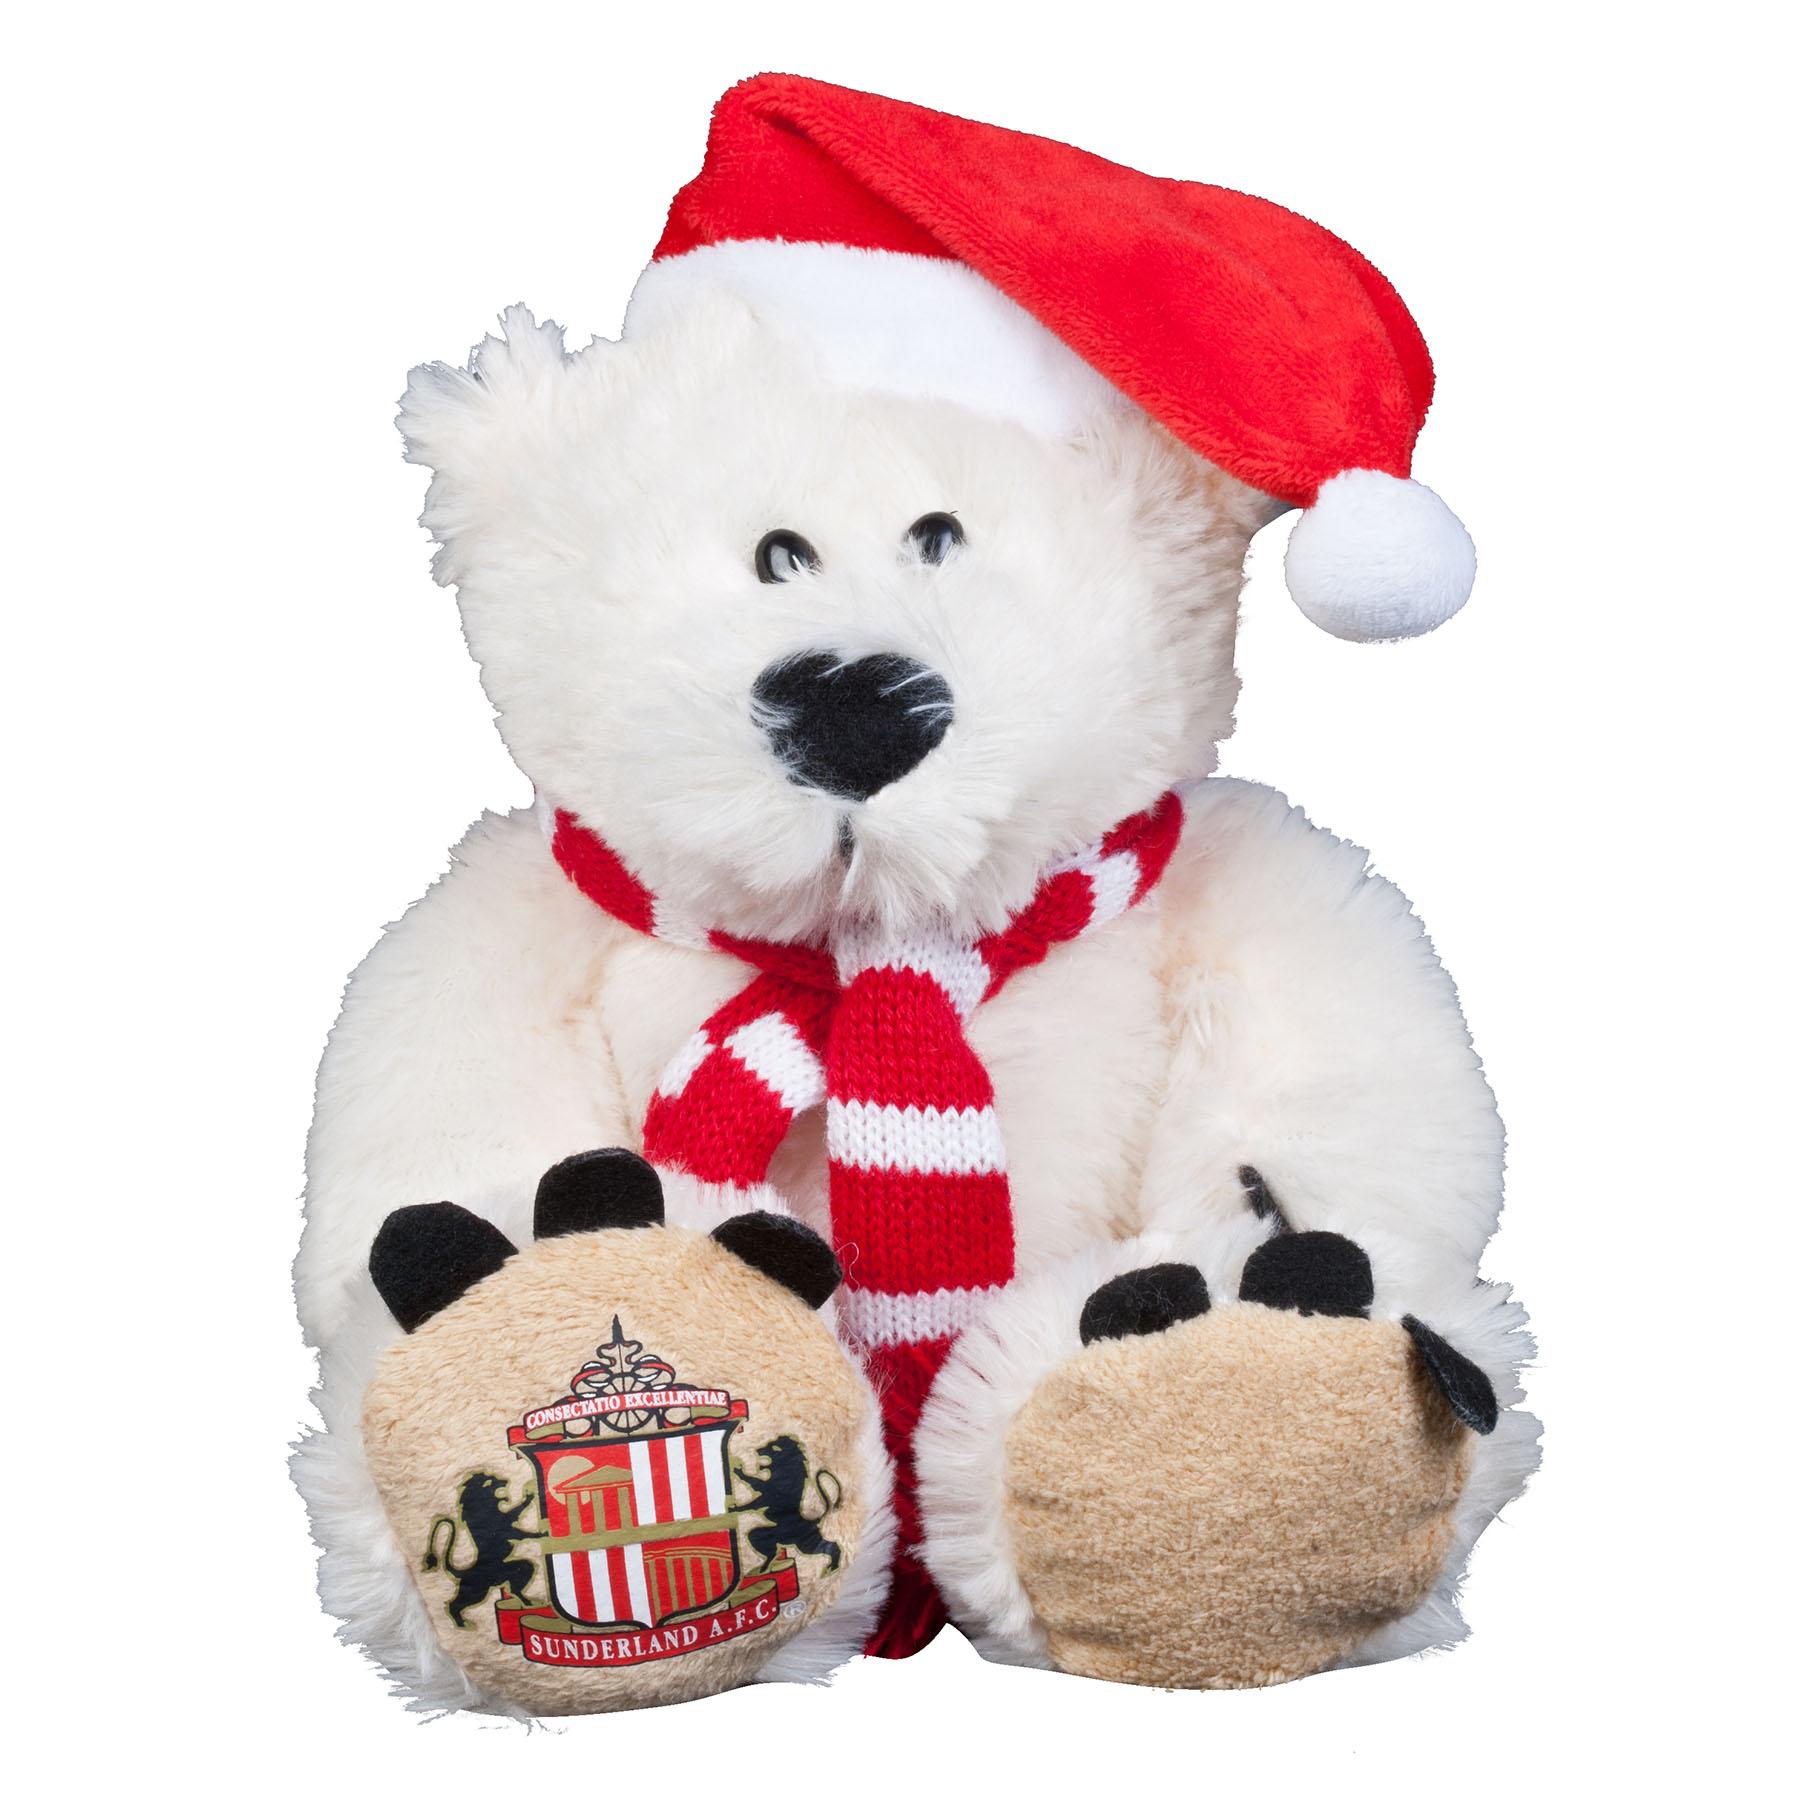 Sunderland 8 Inch Polar Bear With Scarf